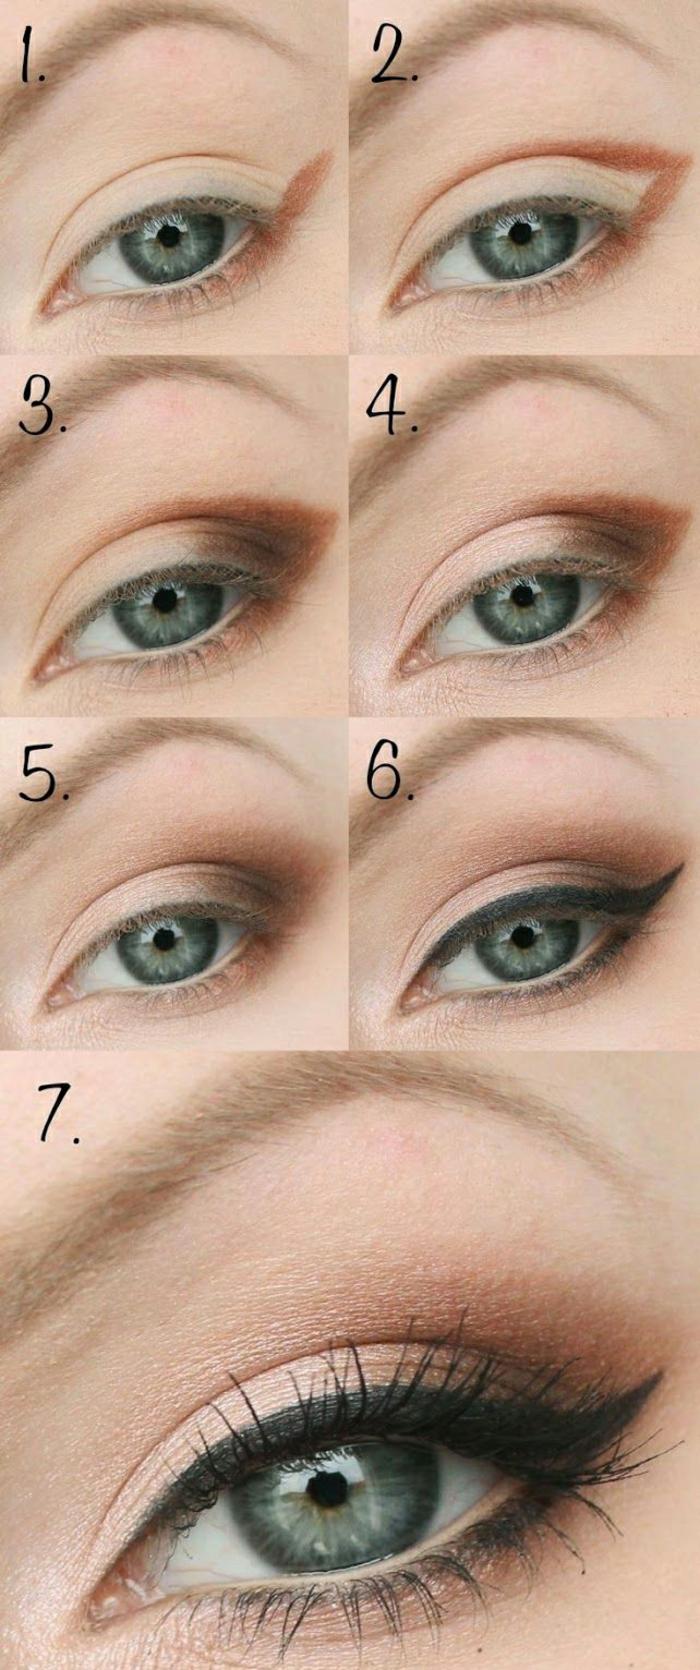 Le maquillage nude maquillage classe maquillage facile idée comment